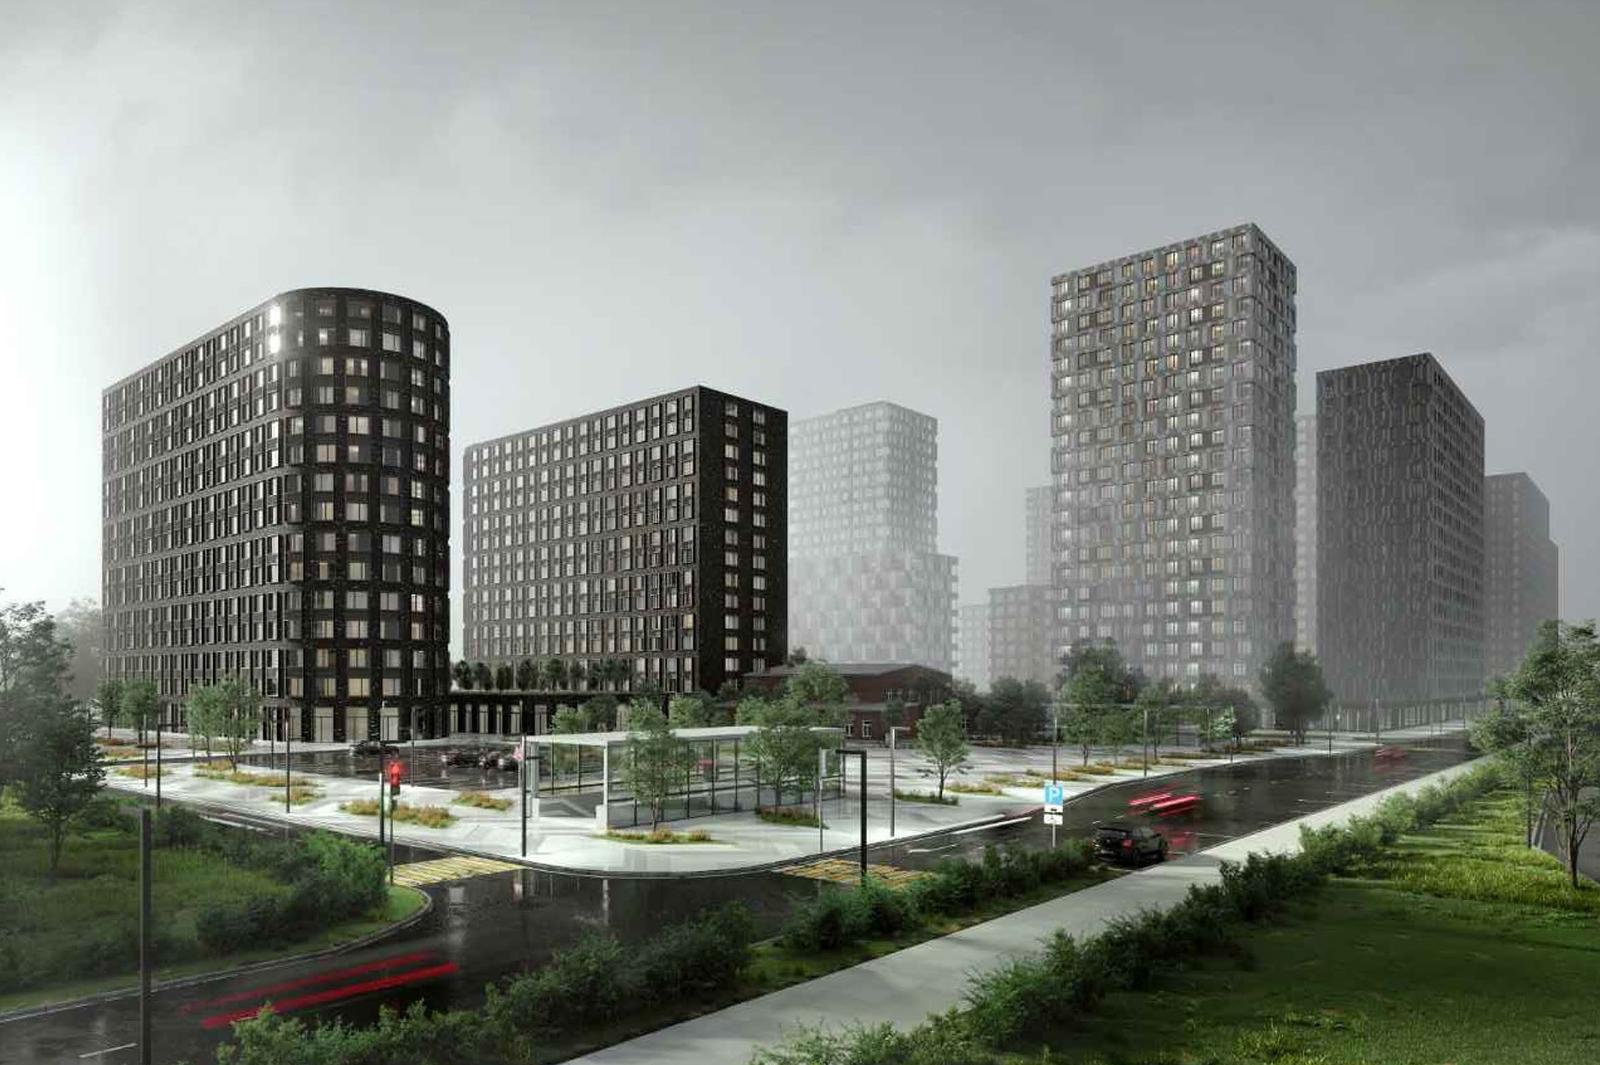 На юго-востоке Москвы построят жилой комплекс с озелененной крышей и мостами